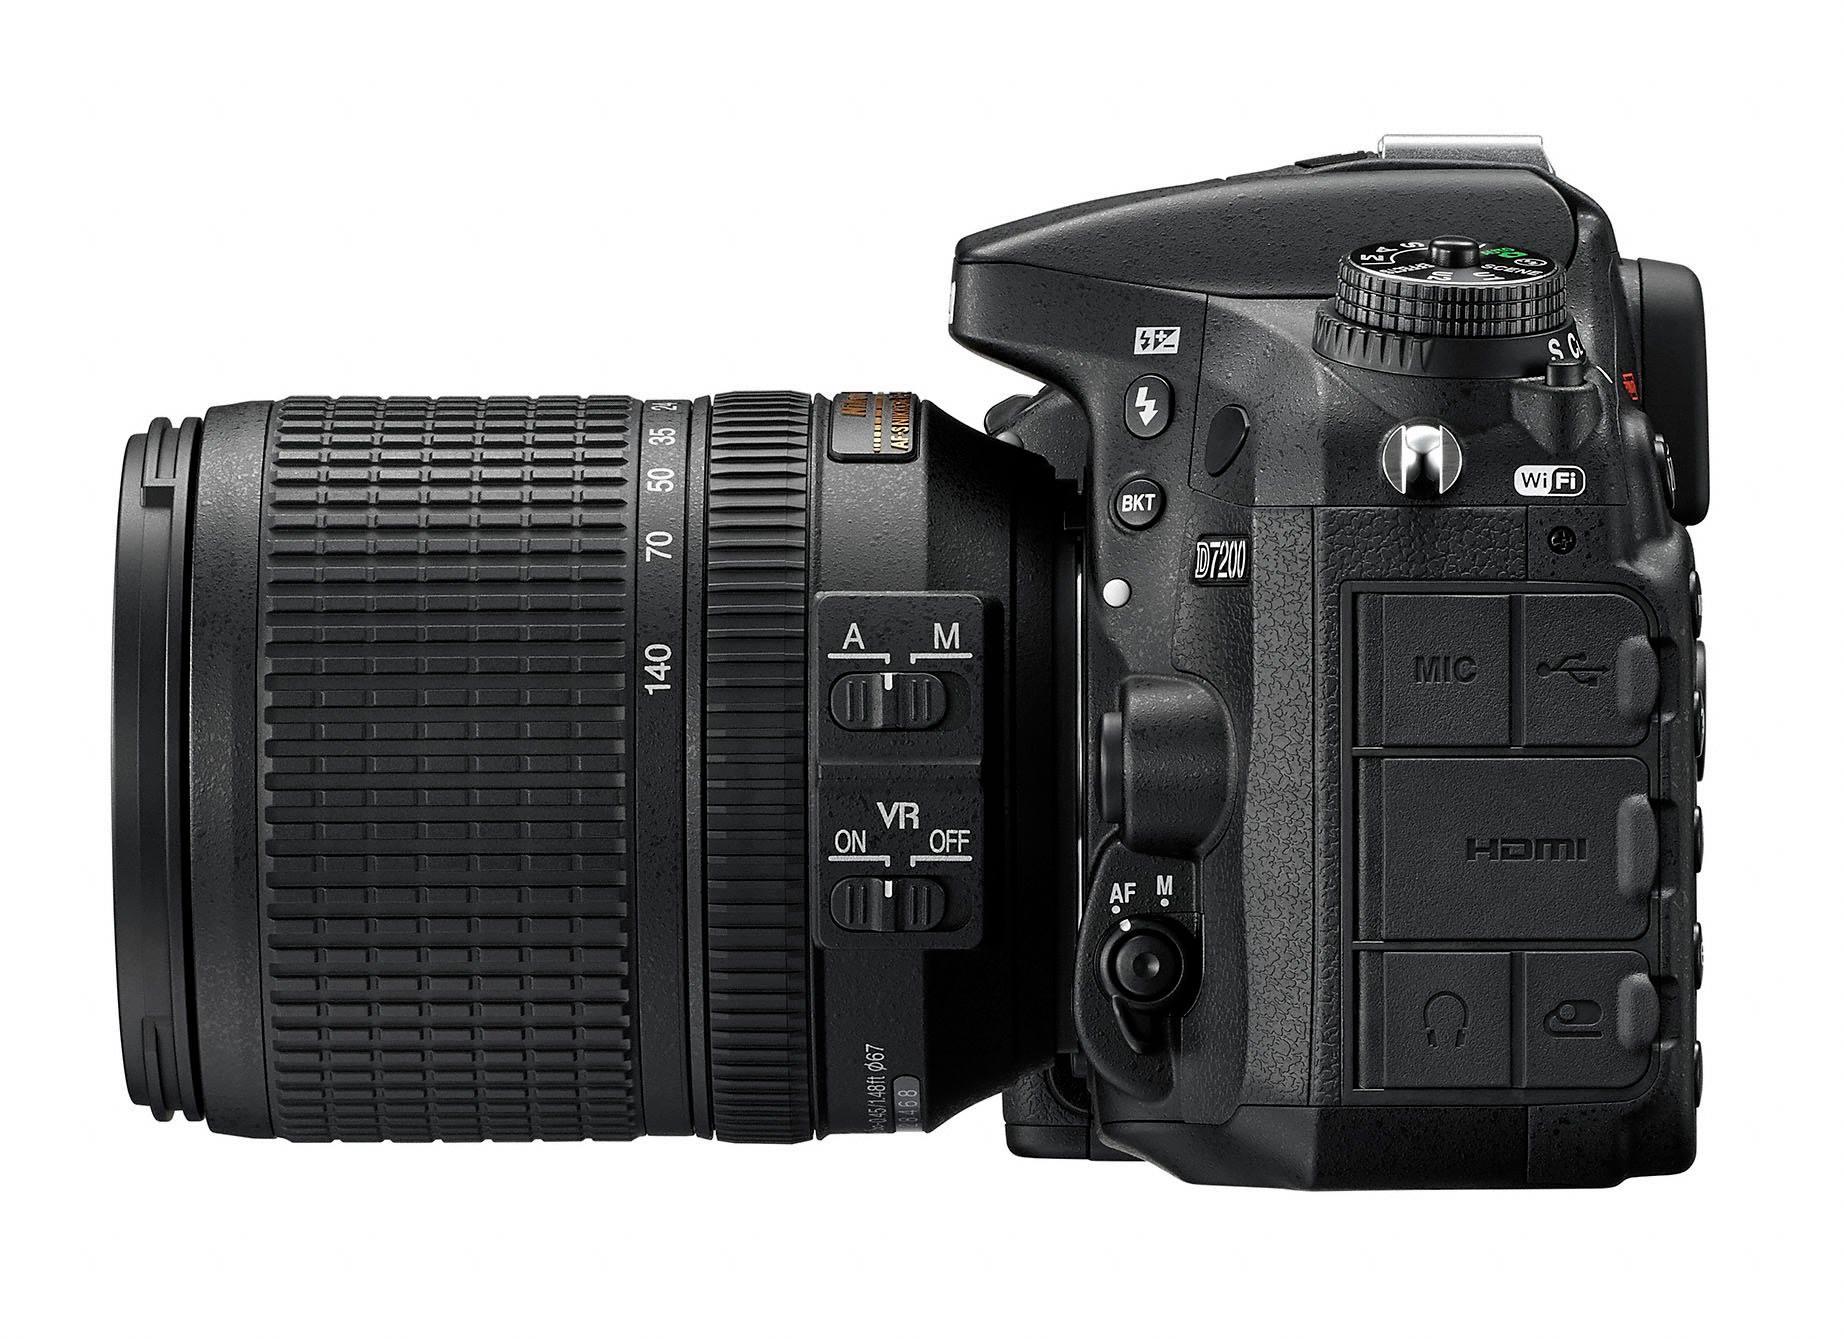 Nikon d7200 dslr view left side